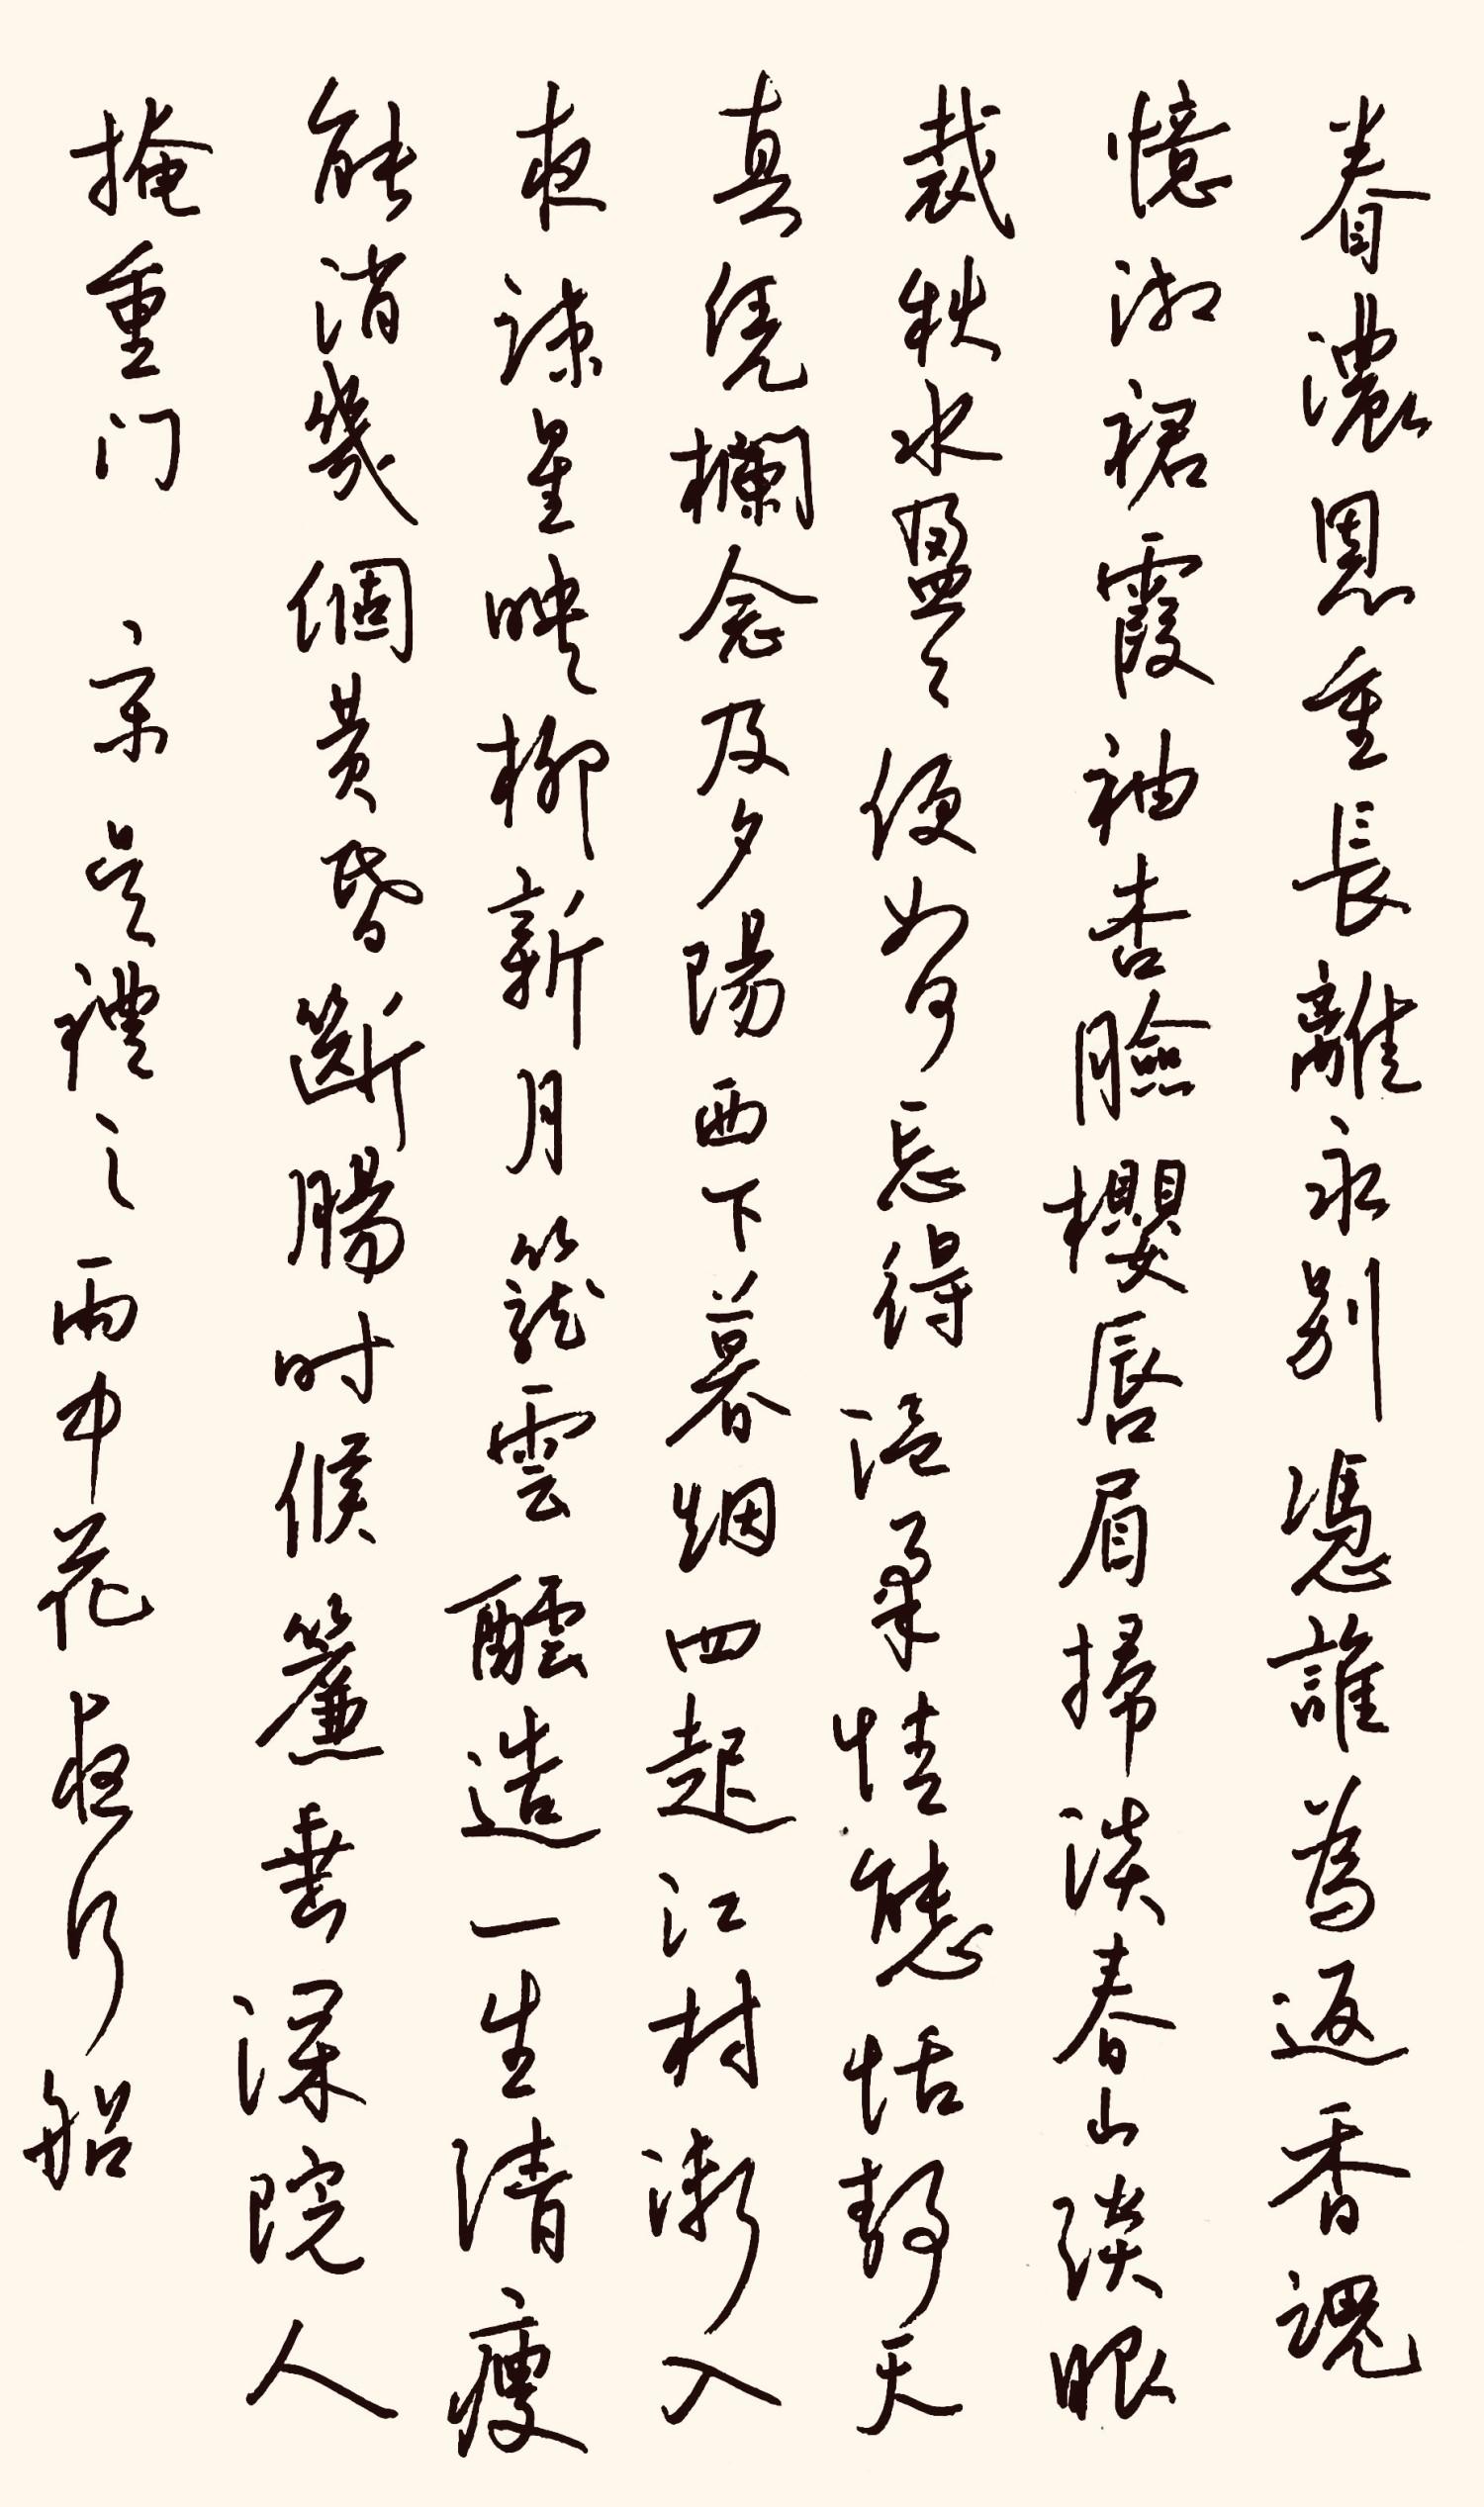 钢笔书法练字打卡20210518-10